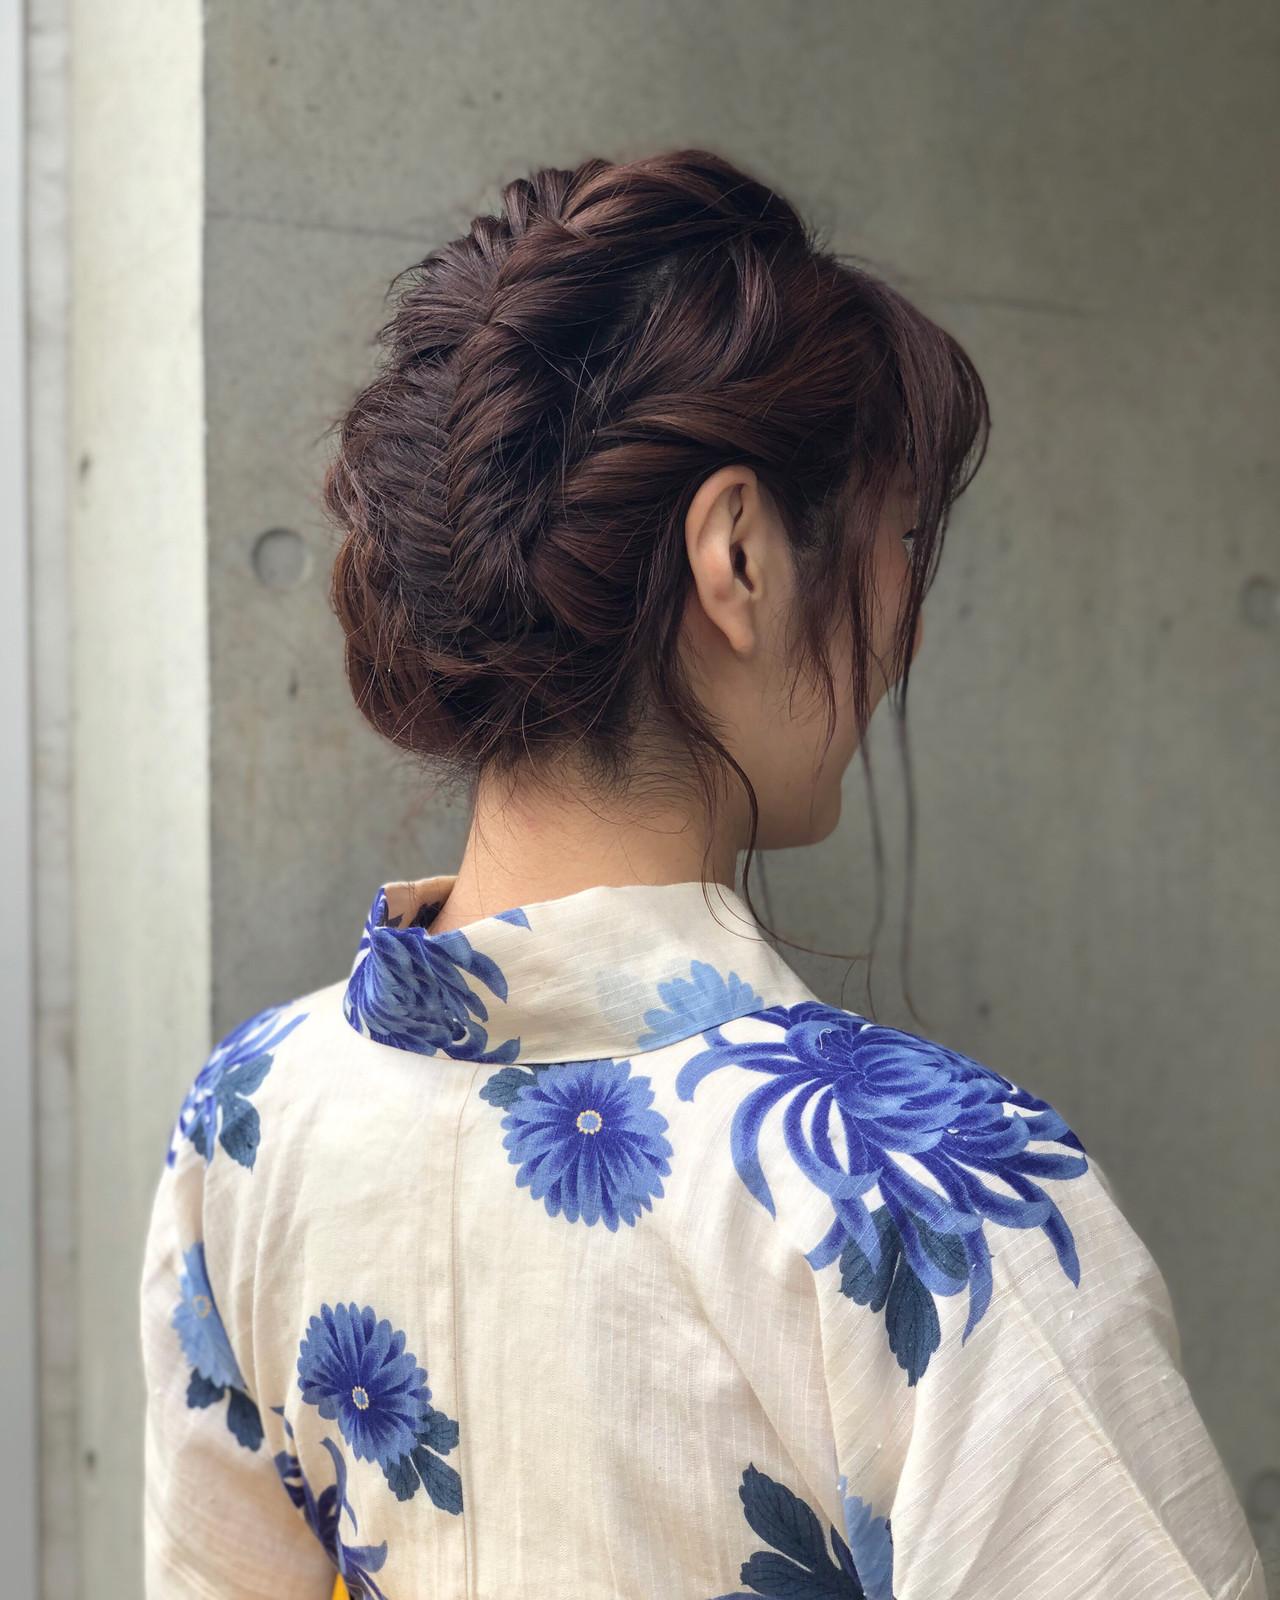 ナチュラル 簡単ヘアアレンジ フィッシュボーン ロング ヘアスタイルや髪型の写真・画像